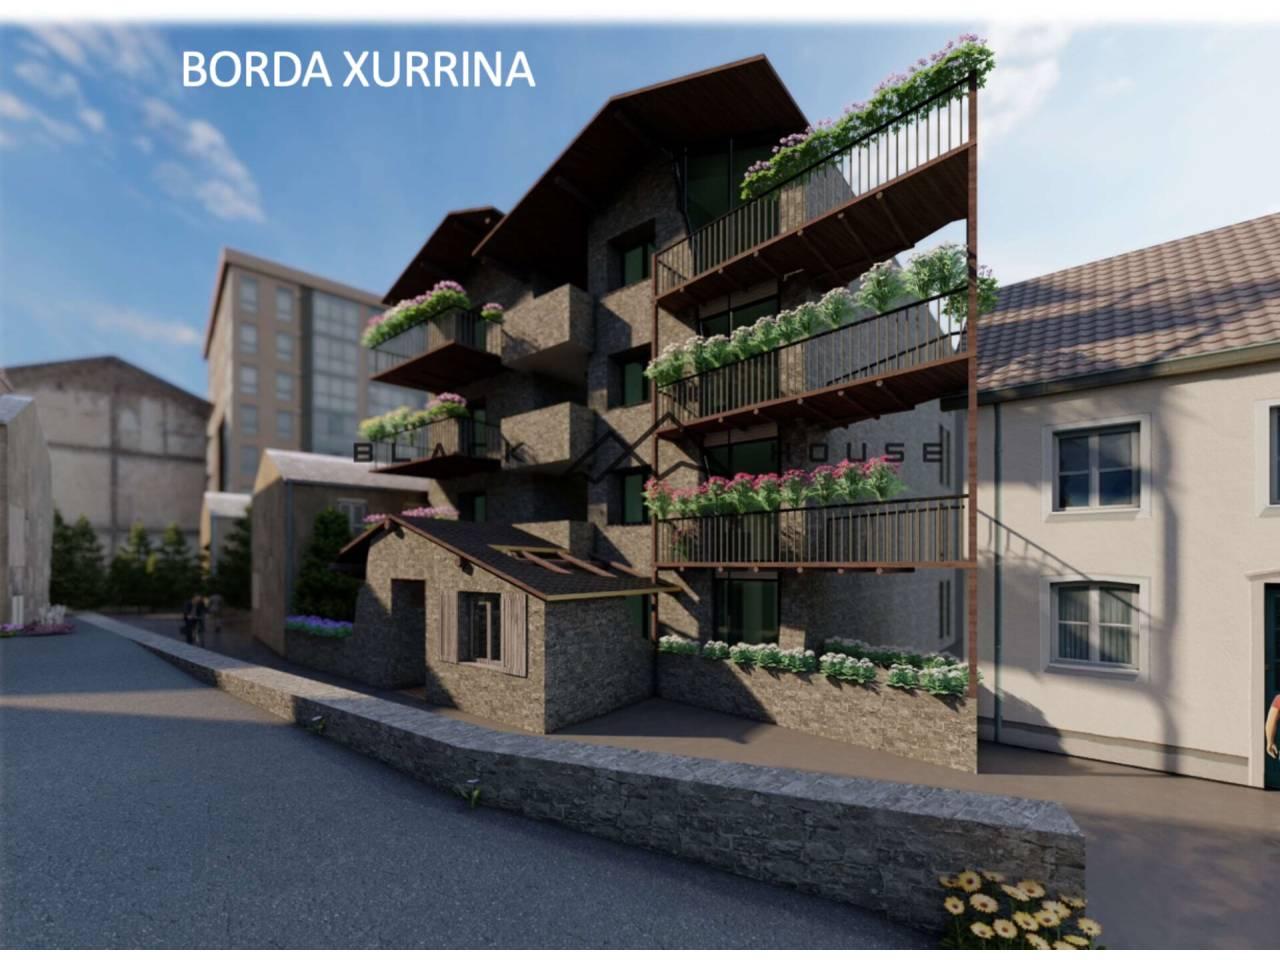 Promoción excepcional de nueva construcción en el centro de Escaldes muy cerca de la avenida Carlemany.